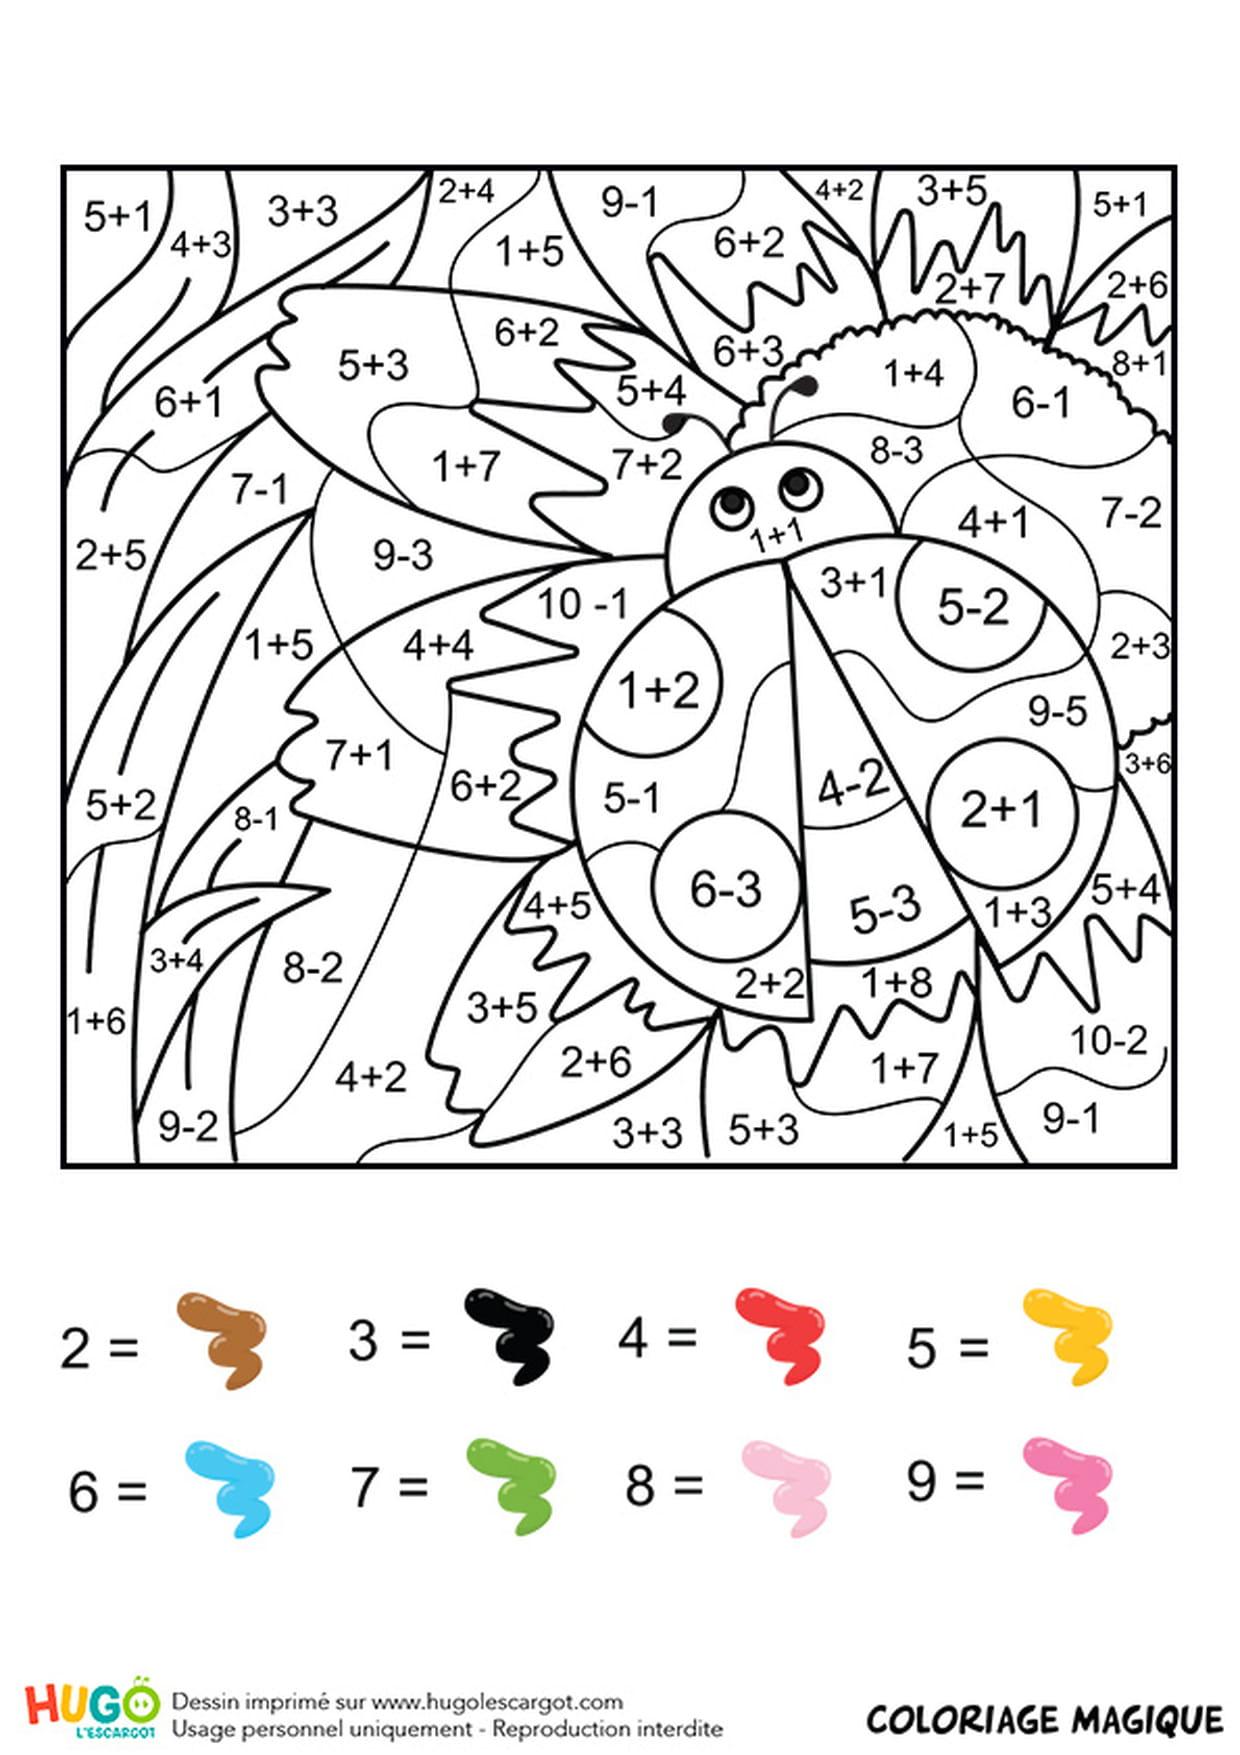 Coloriage Magique Ce1 : Une Coccinelle tout Jeux De Coloriage Magique Cm1